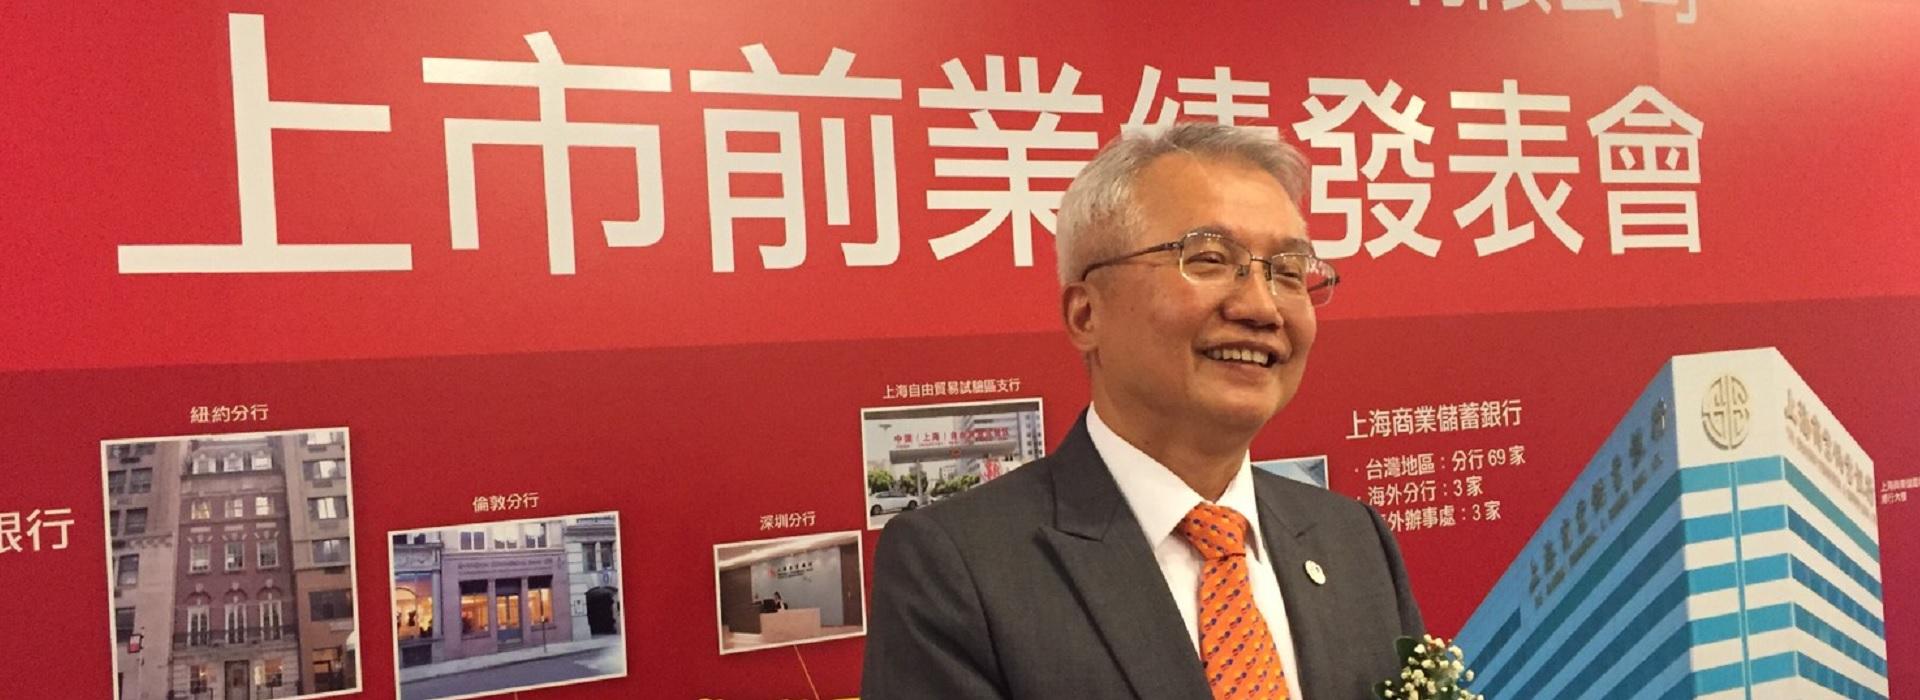 申請股票上市僅花了35天 台灣唯一百年民營銀行靠的是什麼?